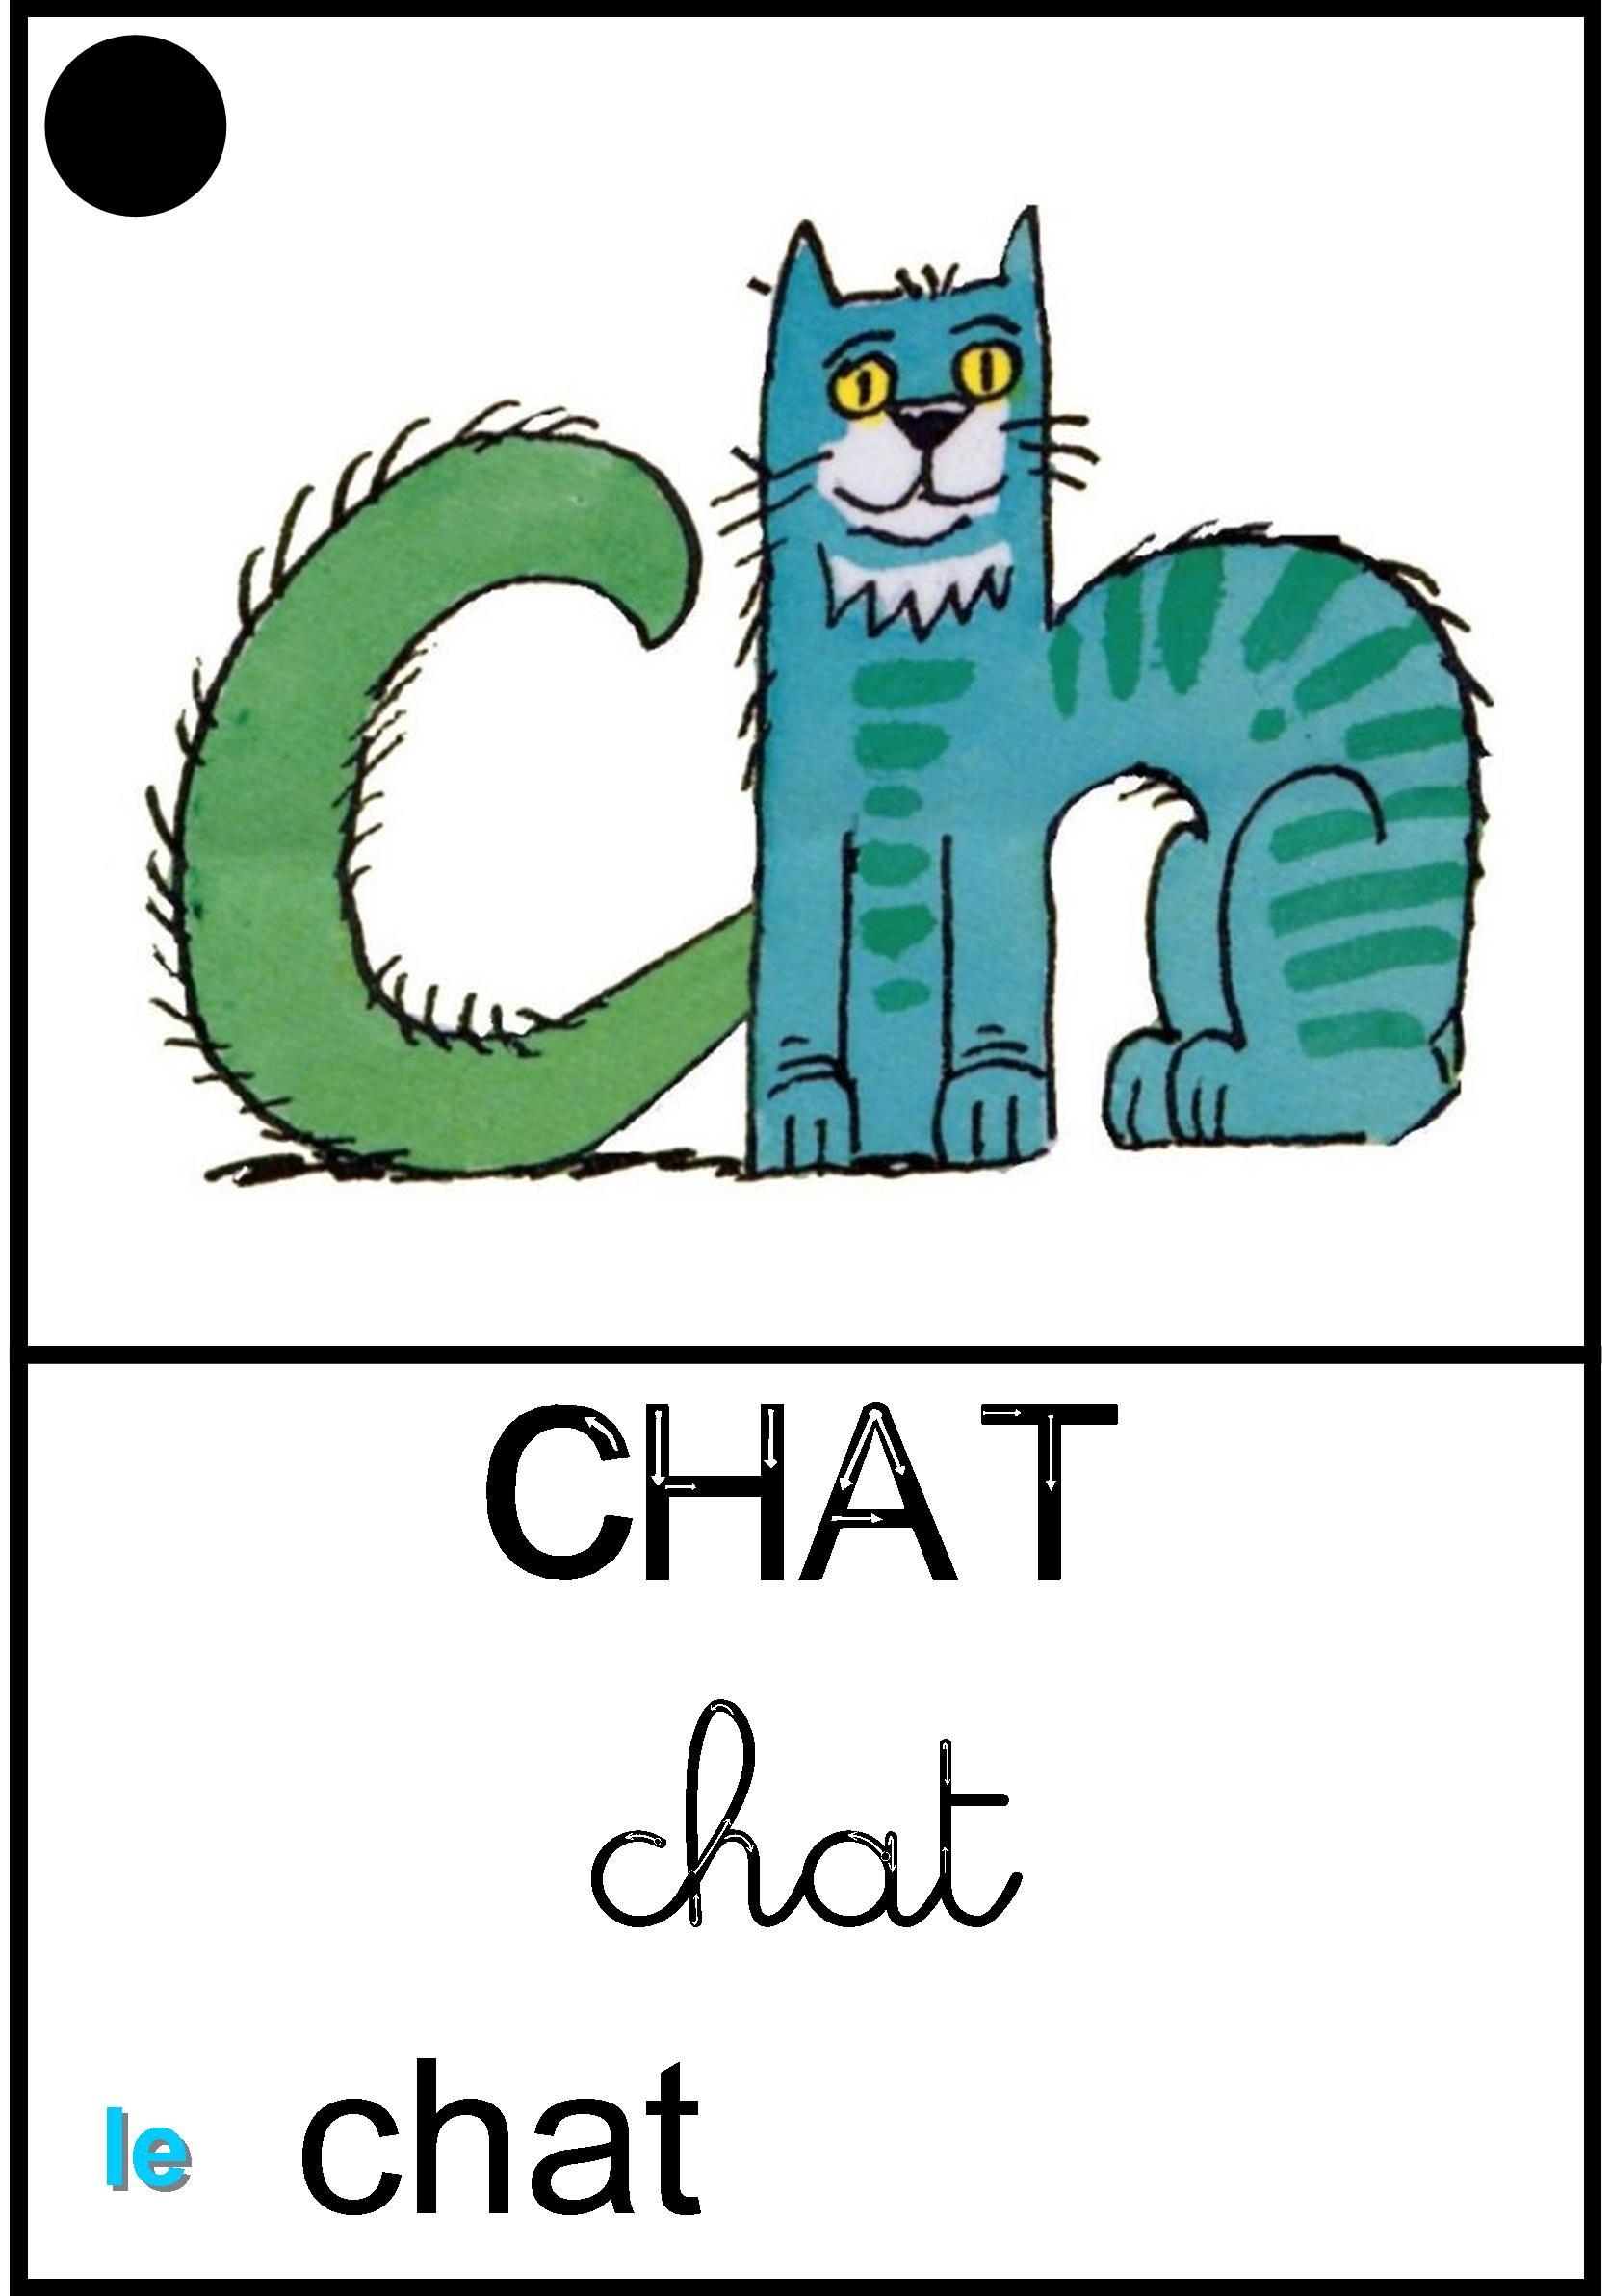 Affichage Le chat